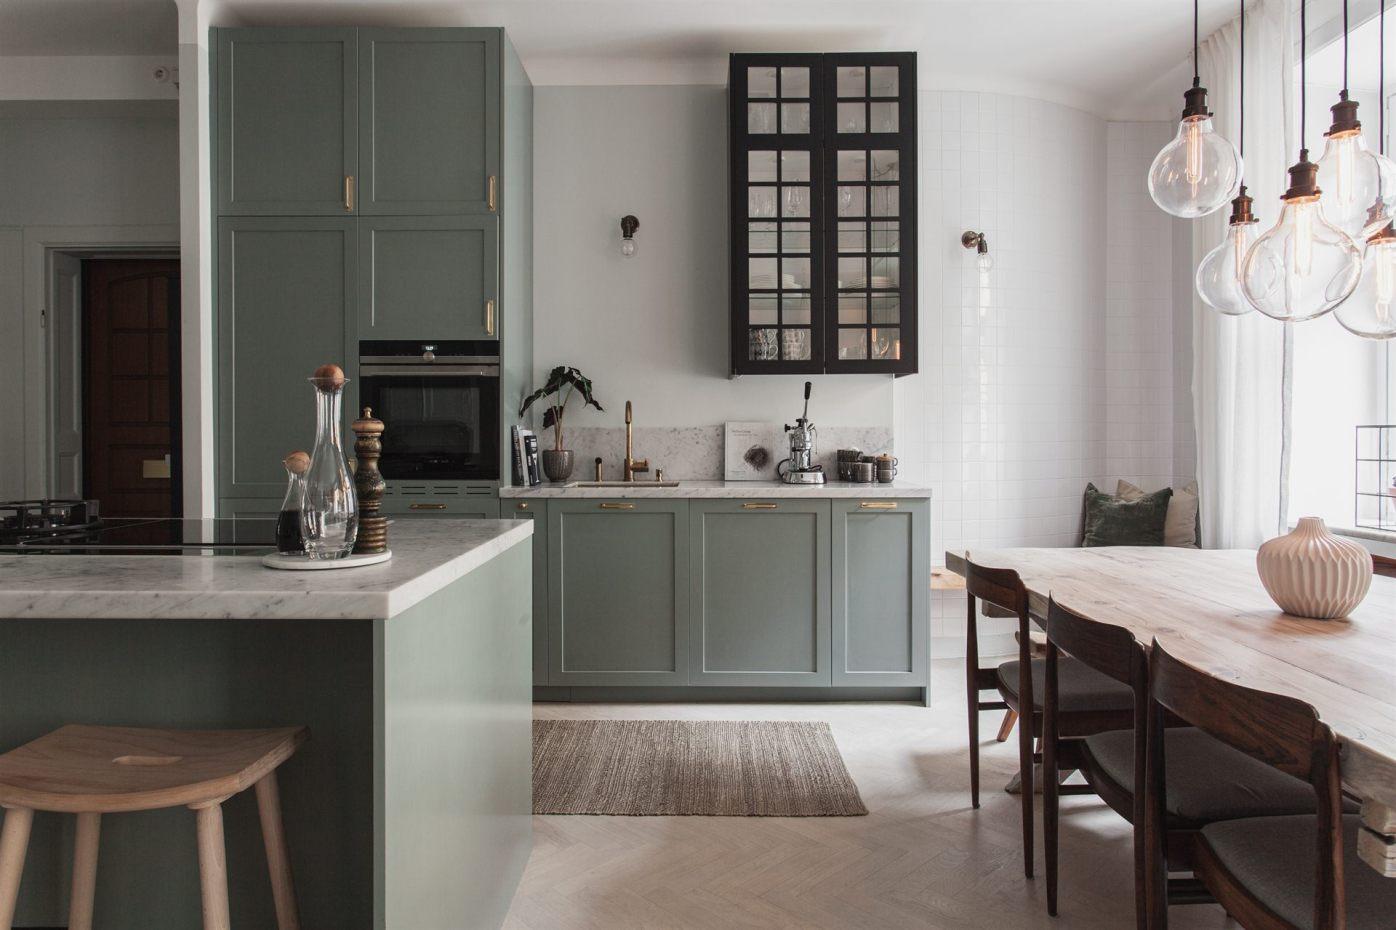 квартира 67 квм кухонная мебель стол